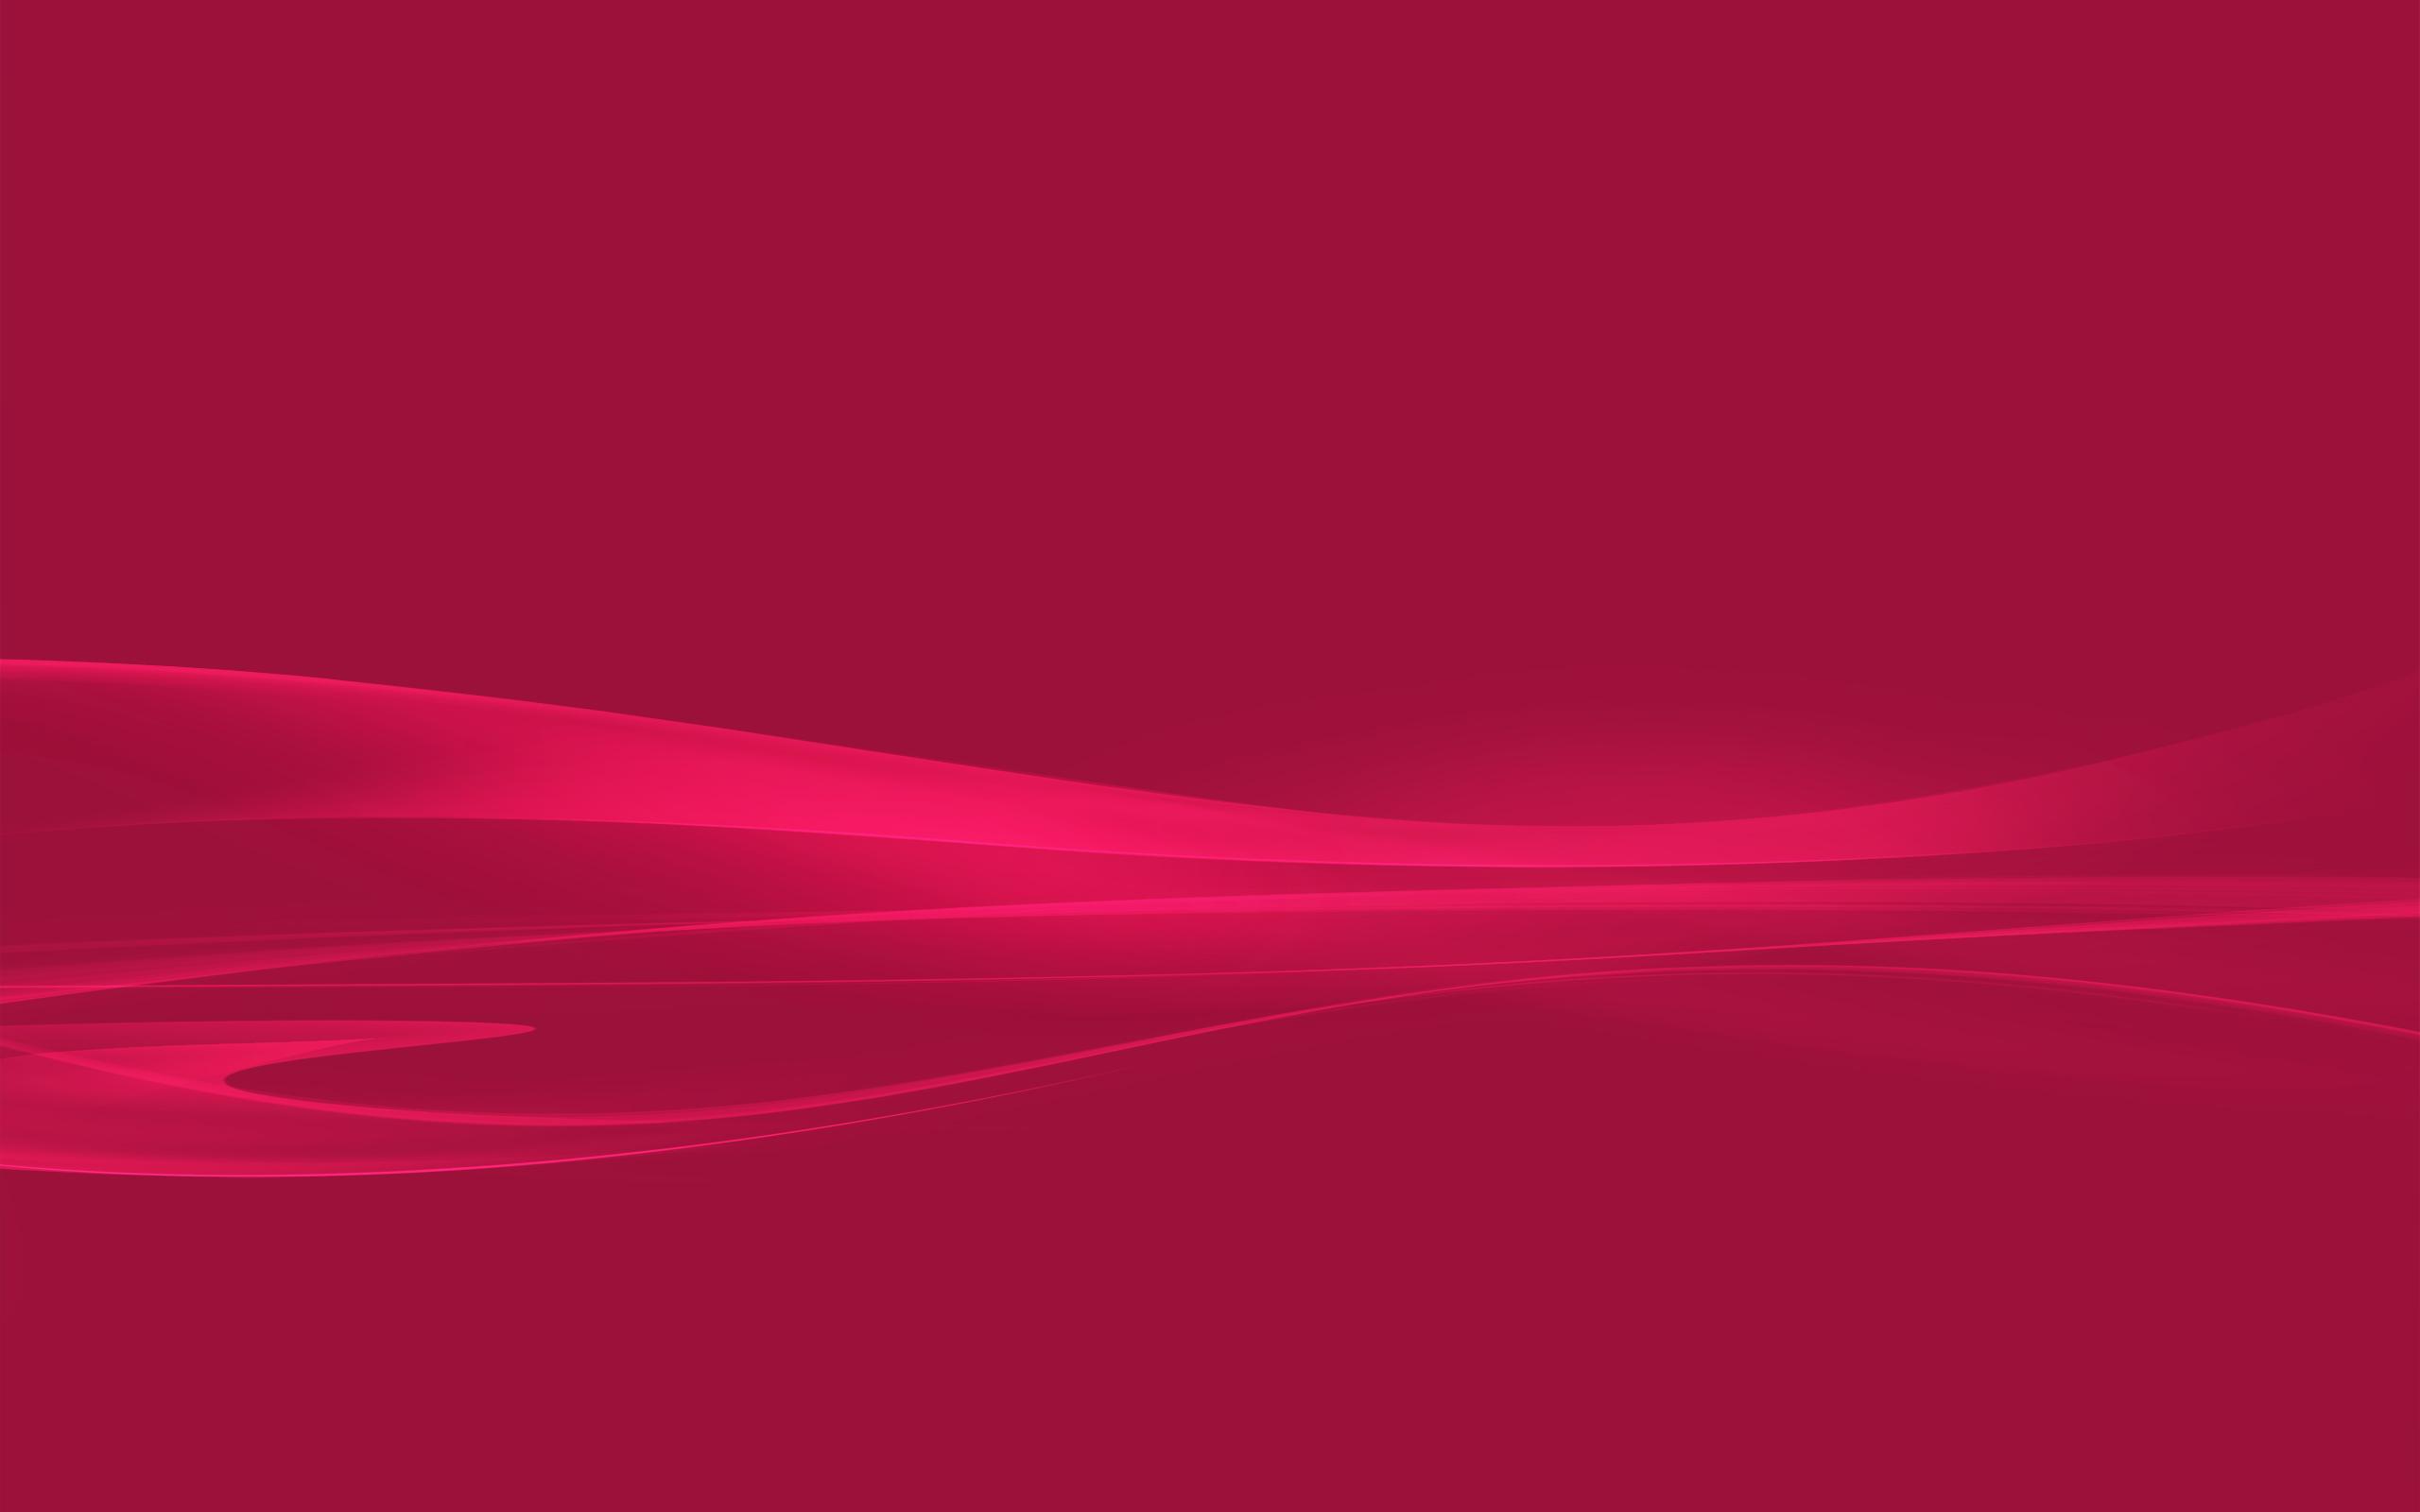 Plain Colour Wallpaper Free Download Plain Hd Wallpaper